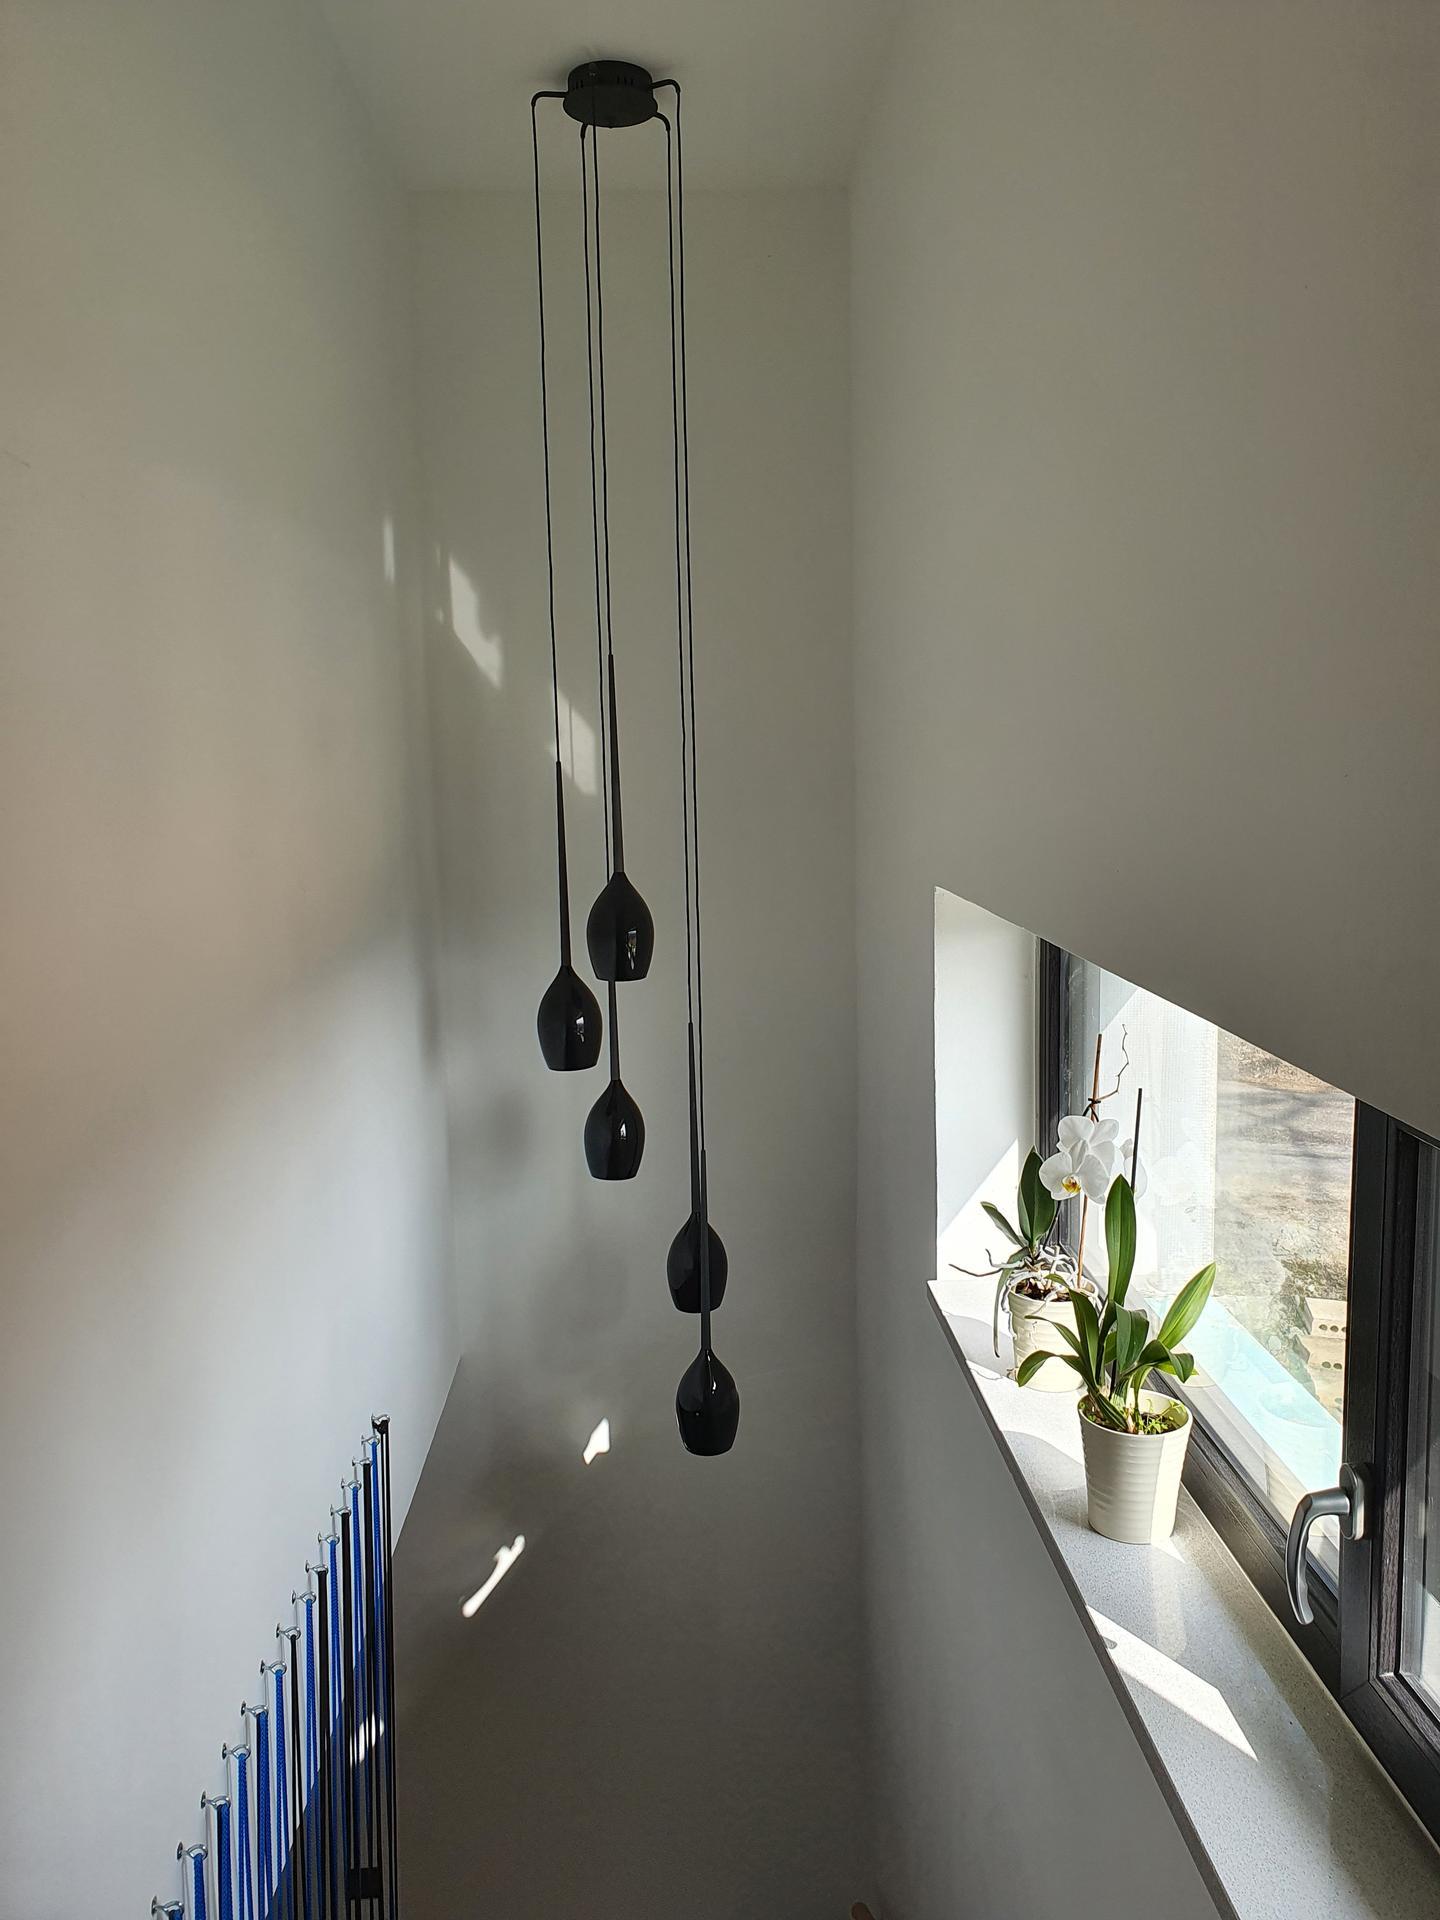 Pasivní domeček - Výhoda patrového domu, můžete mít takovej super lustr 😀